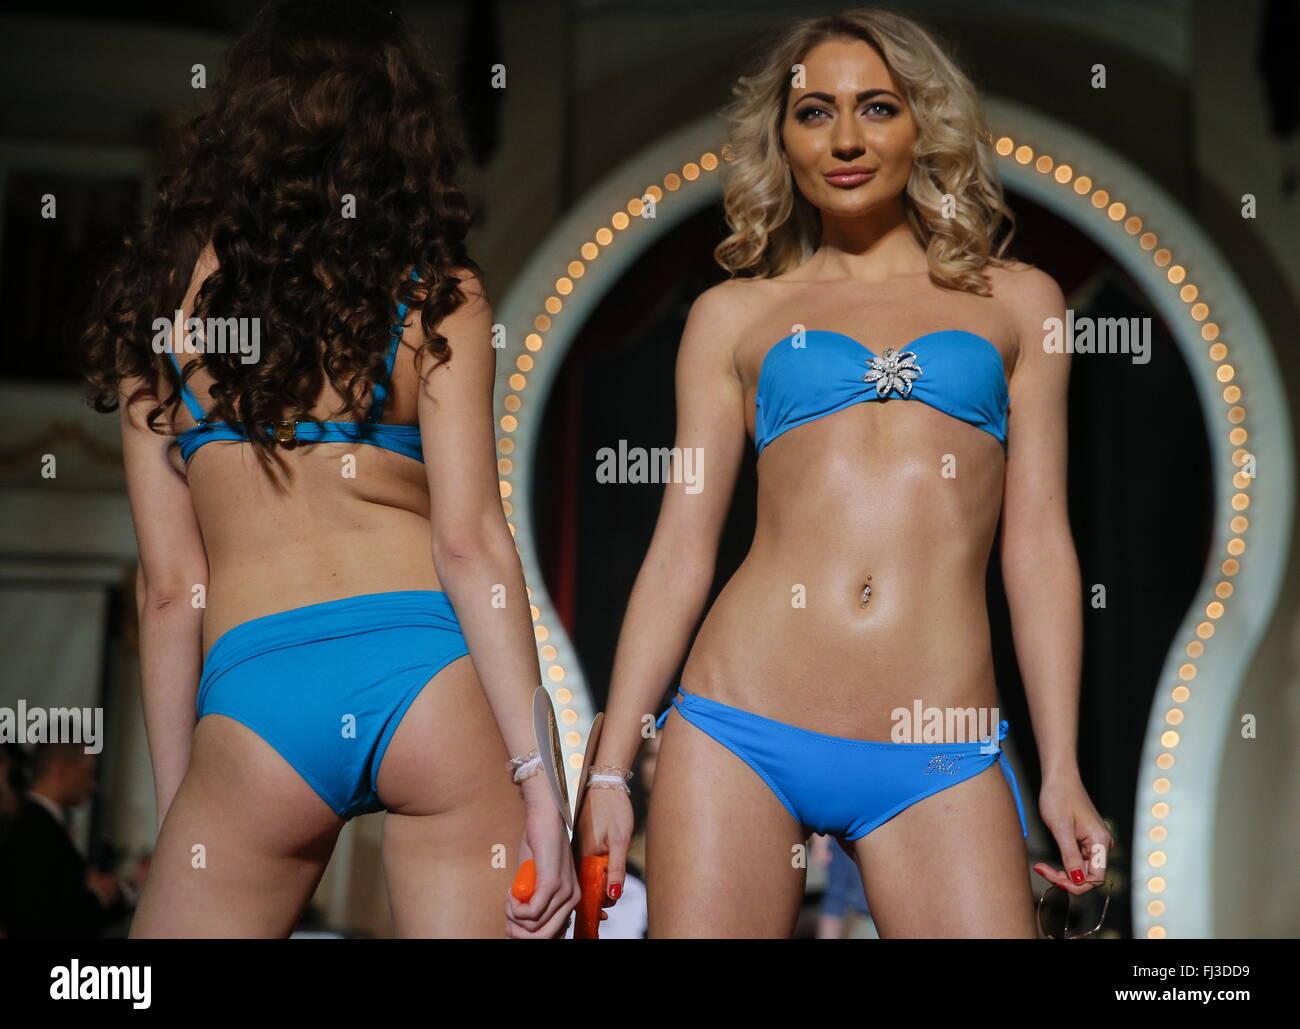 russische amateur bikini bilder